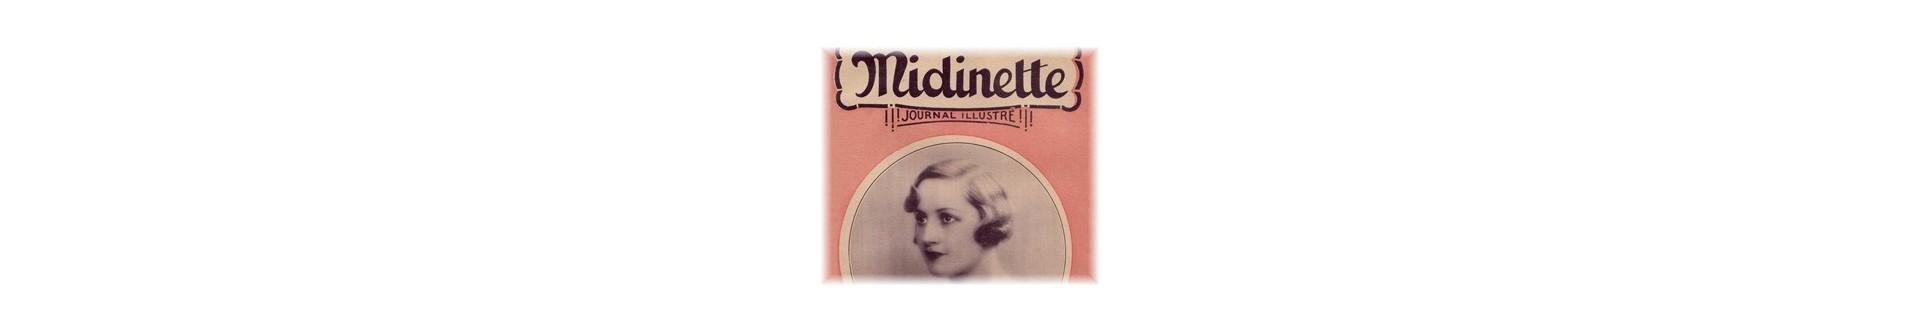 Midinette - Journal Illustré | Vente de livres d'occasion